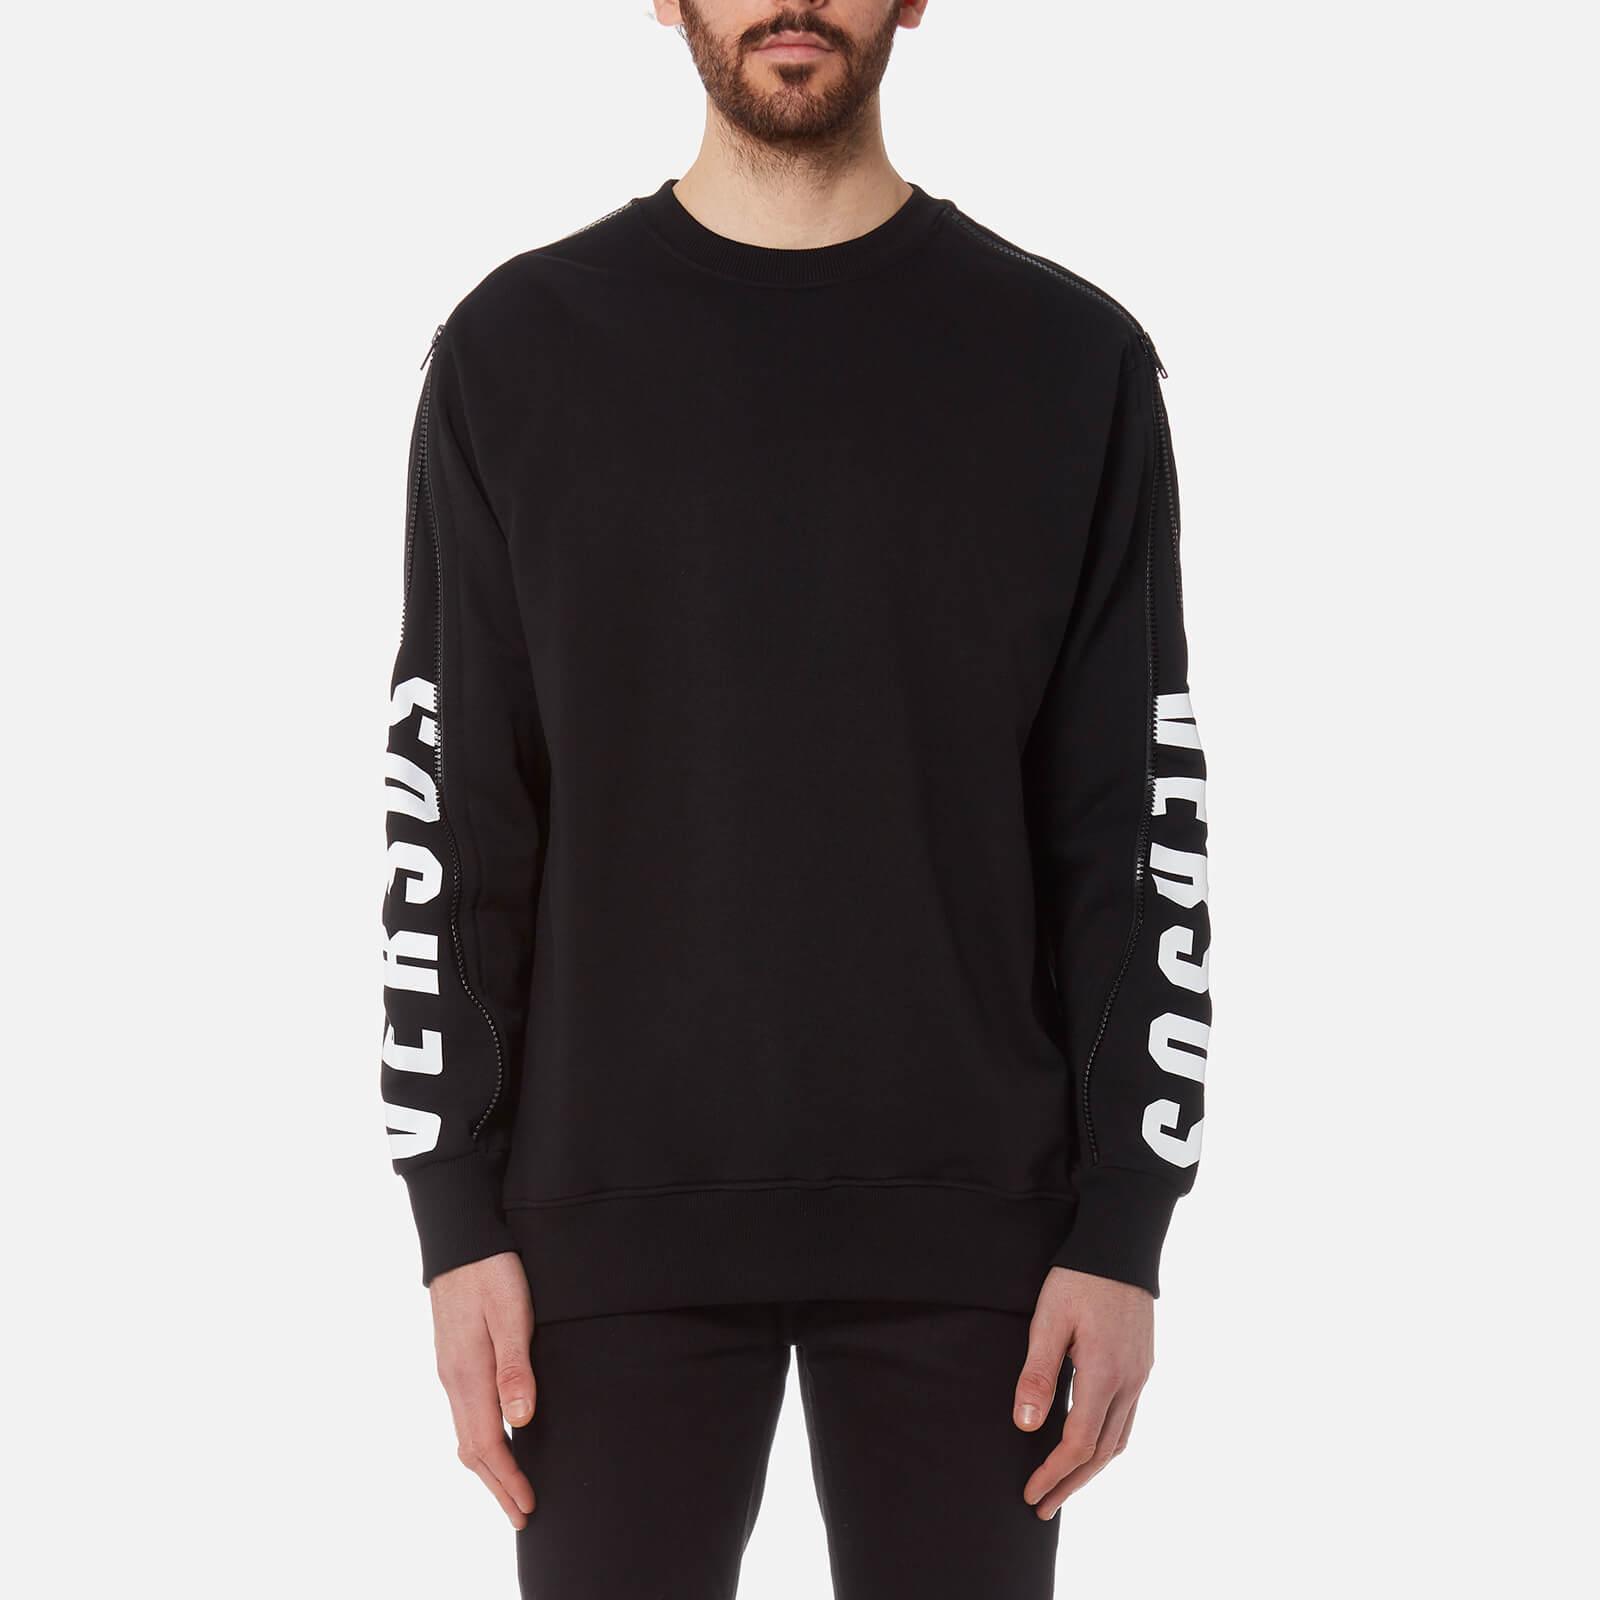 3493ca14e0c Versus Versace Men s Zipped Sleeve Logo Sweatshirt - Black Stampa - Free UK  Delivery over £50